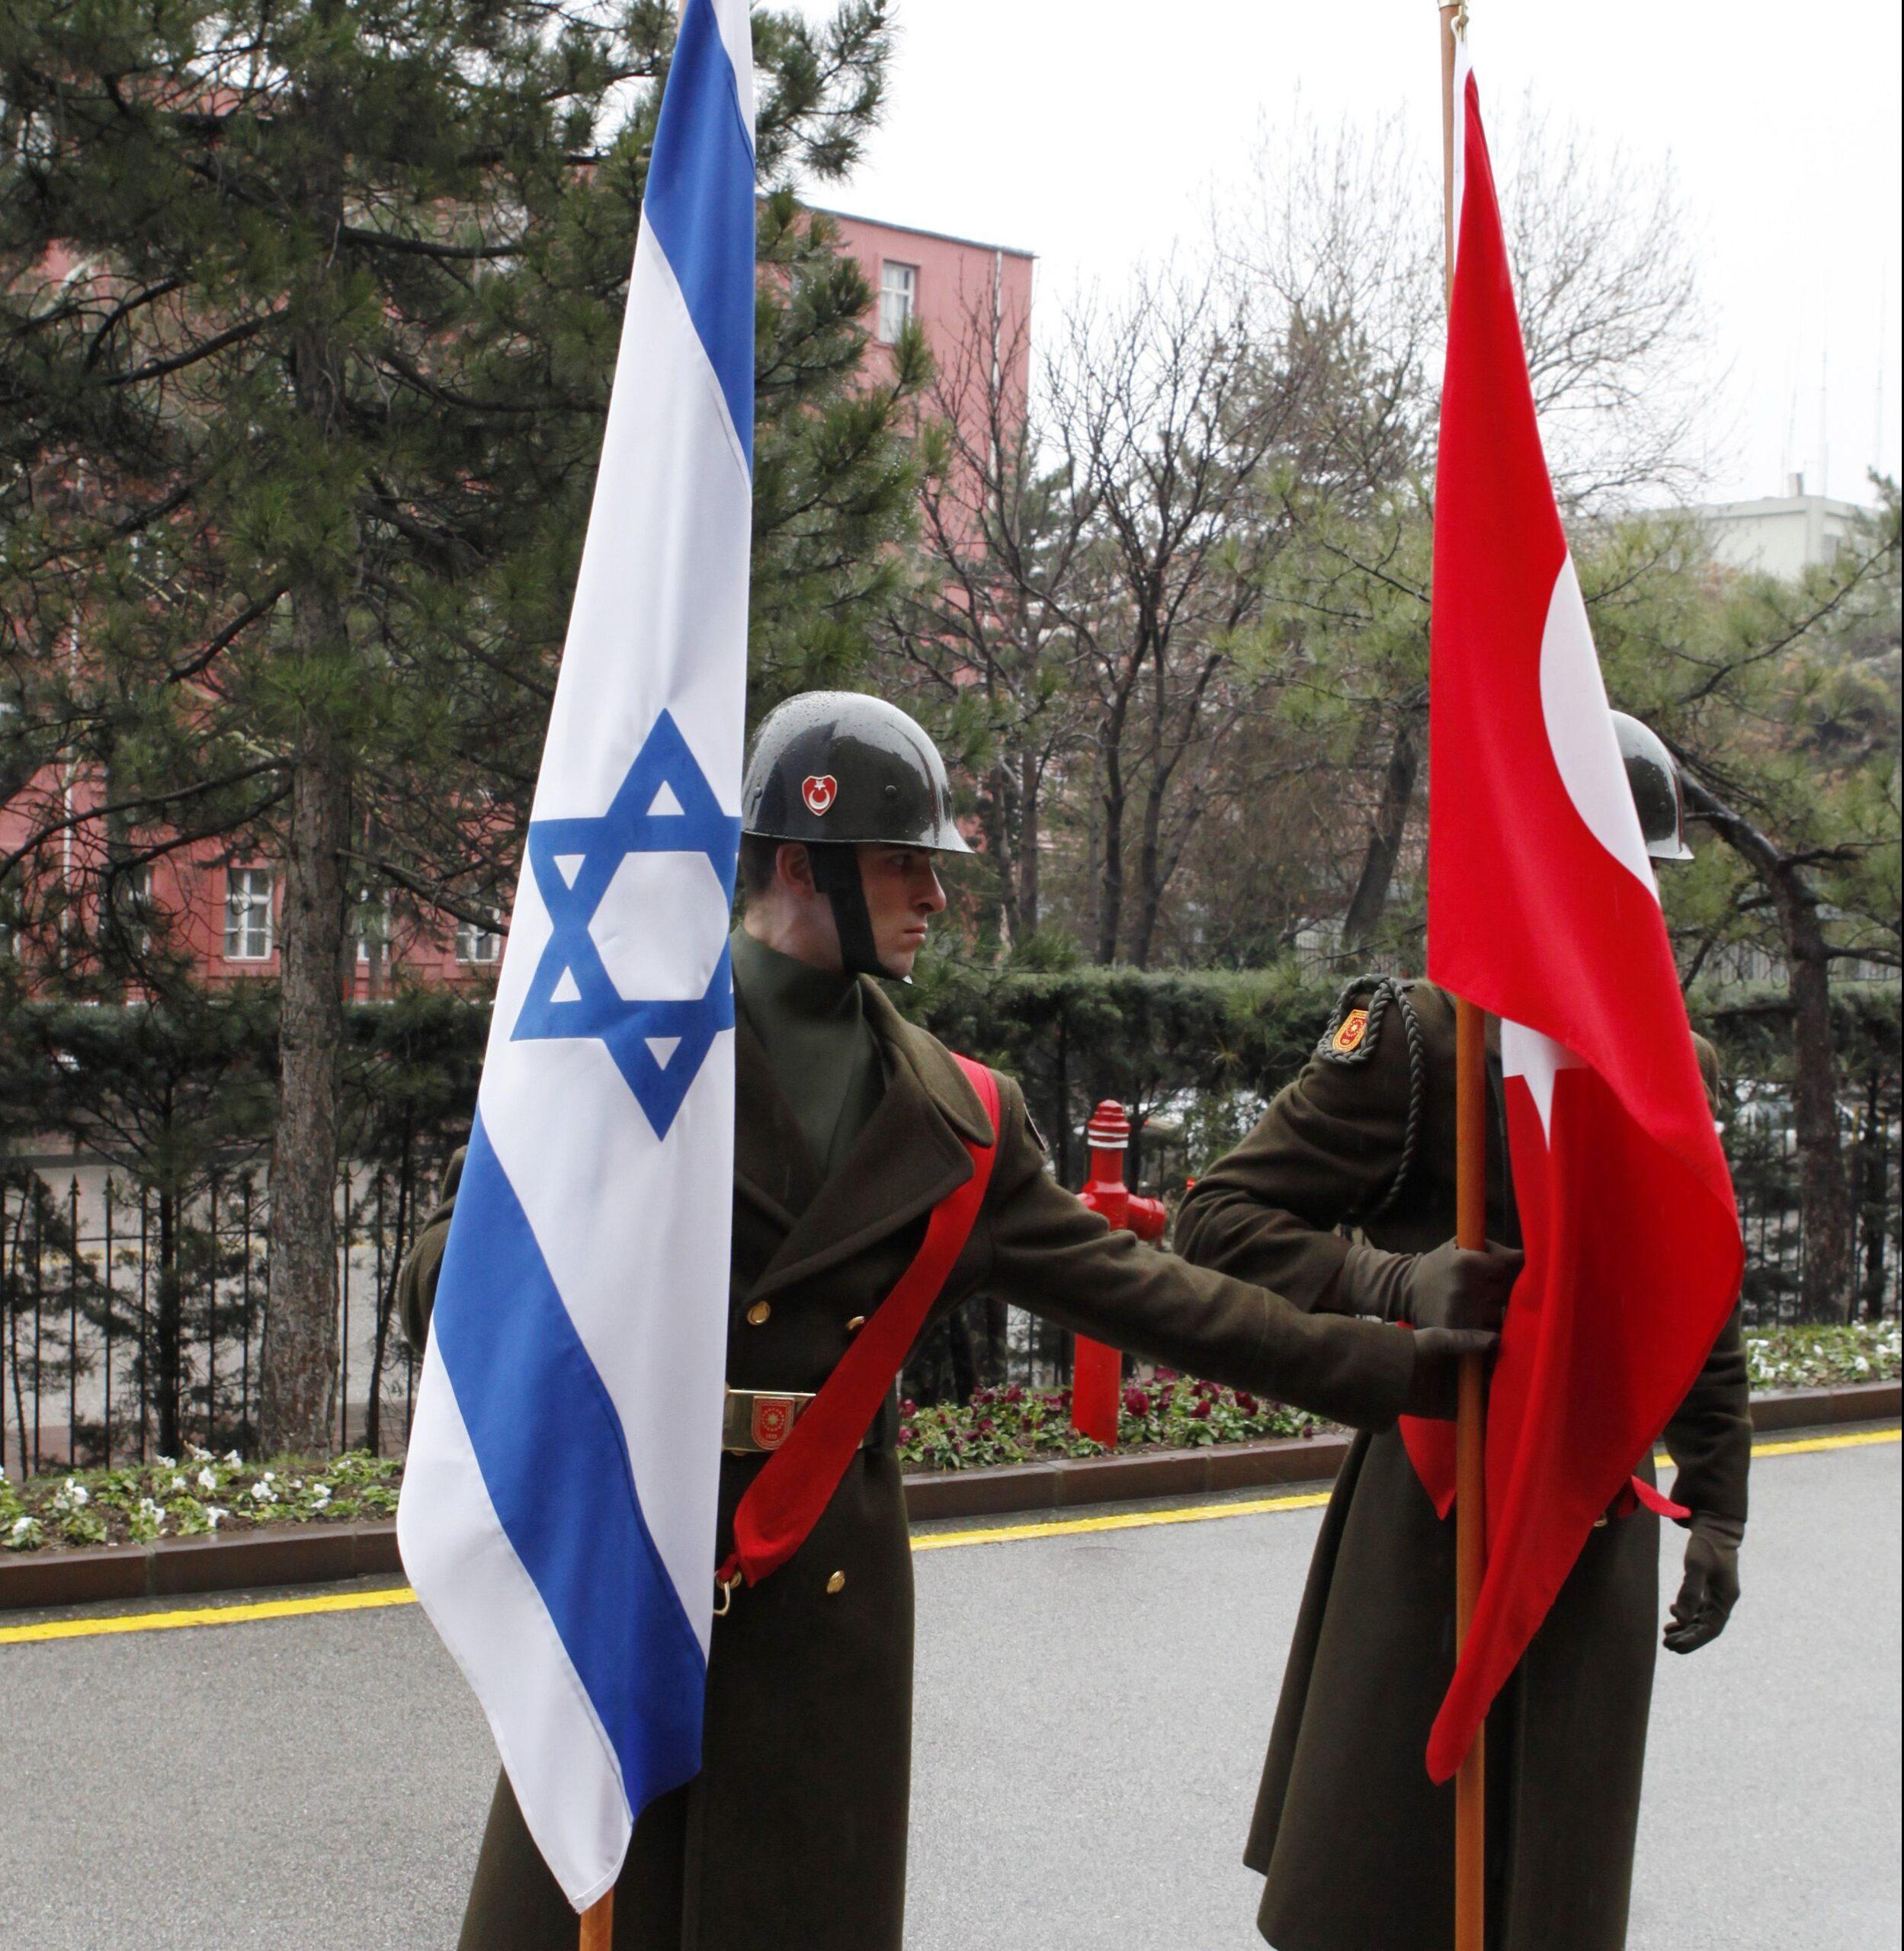 Miért nem követi Izrael Biden példáját és ismeri el az örmény népirtást?